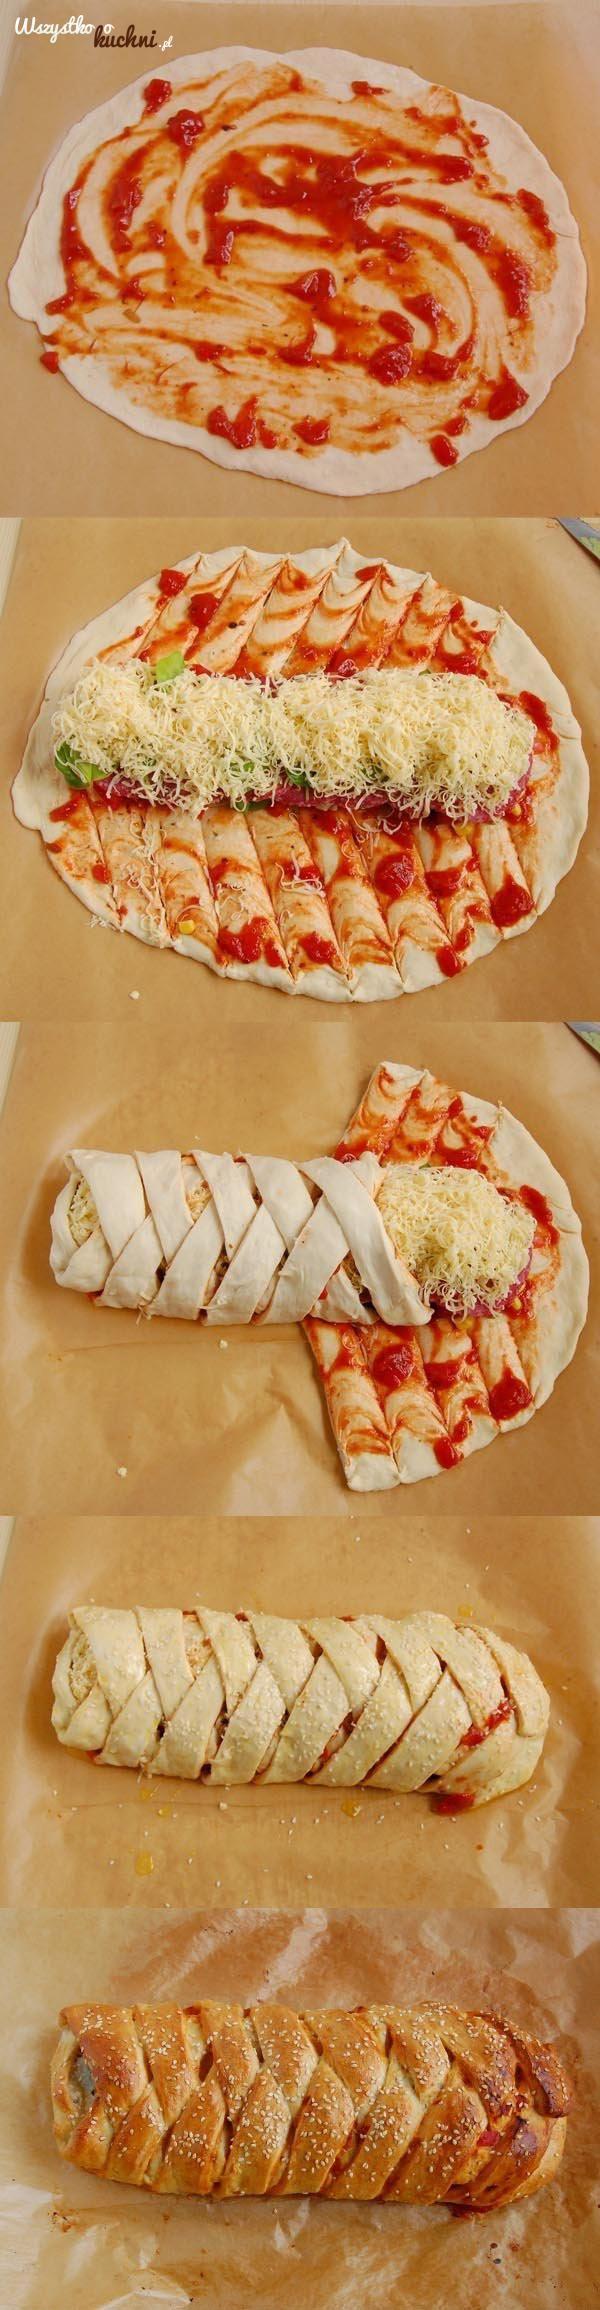 Zobacz jak zrobić pizzę składaną...